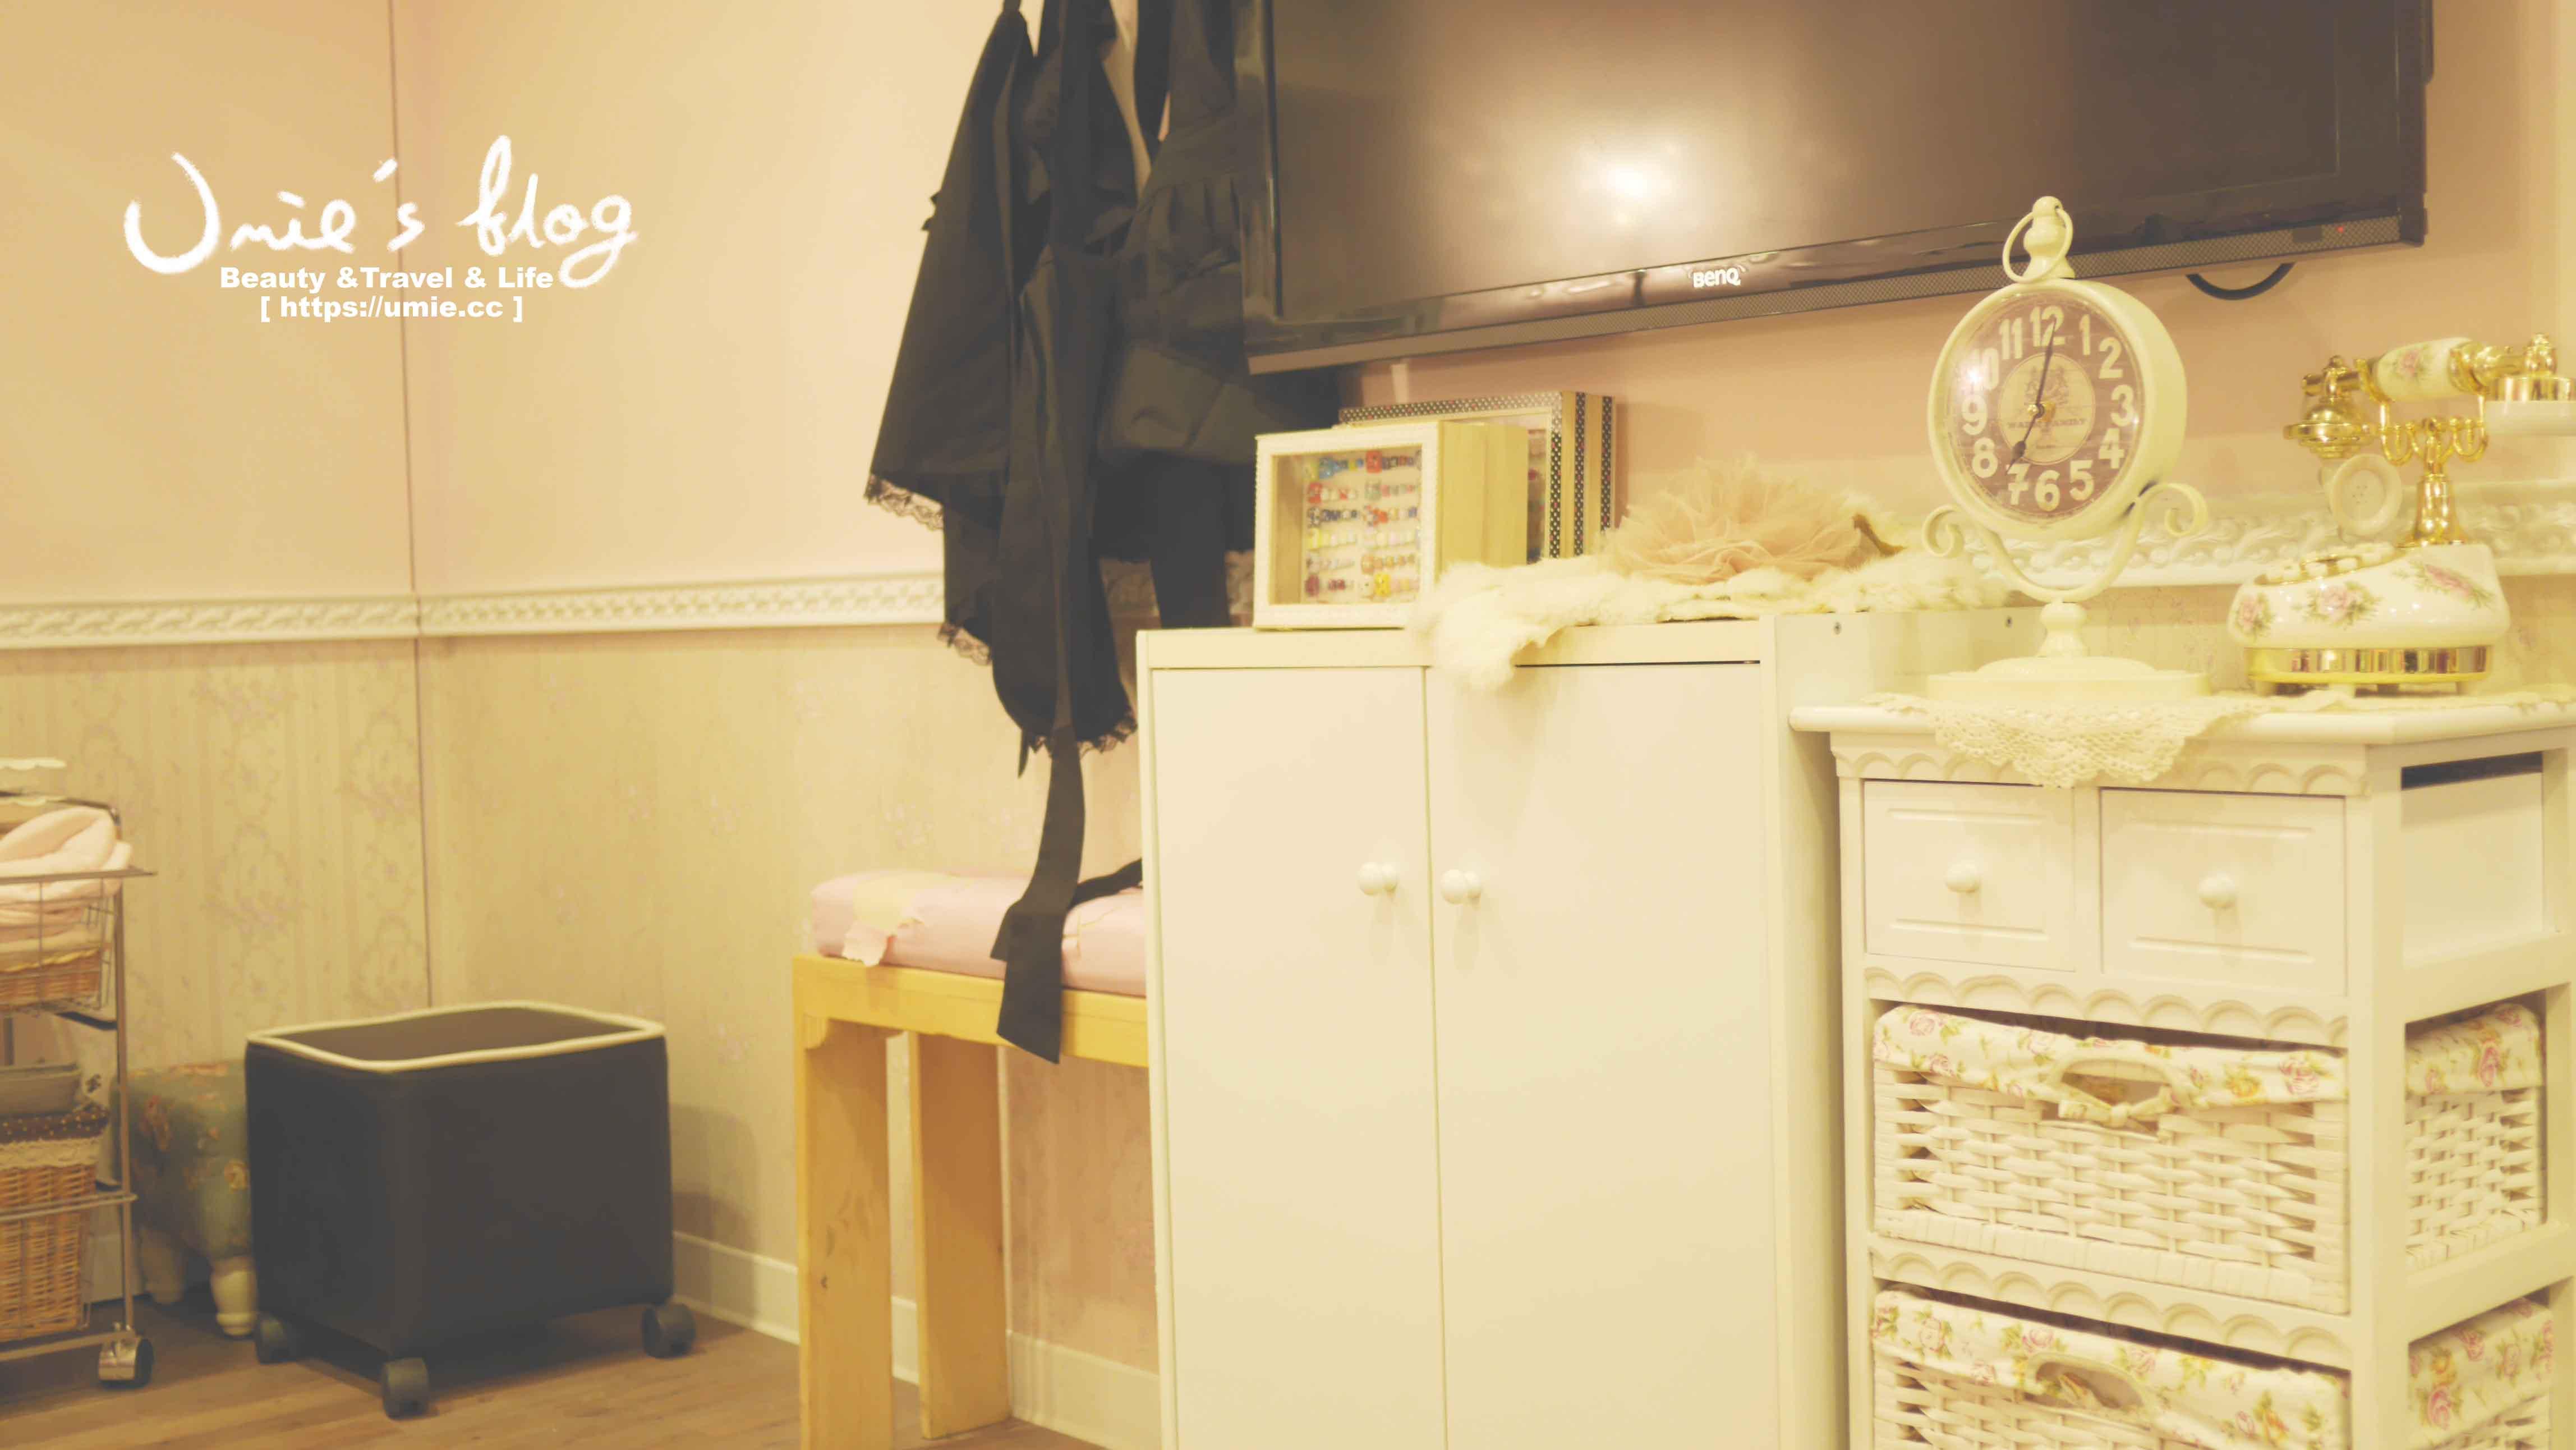 指甲光療- 台北中山捷運站 Venus Nail 美甲工坊-Merry Xmas 聖誕風格手繪 x 腳部基礎保養 !